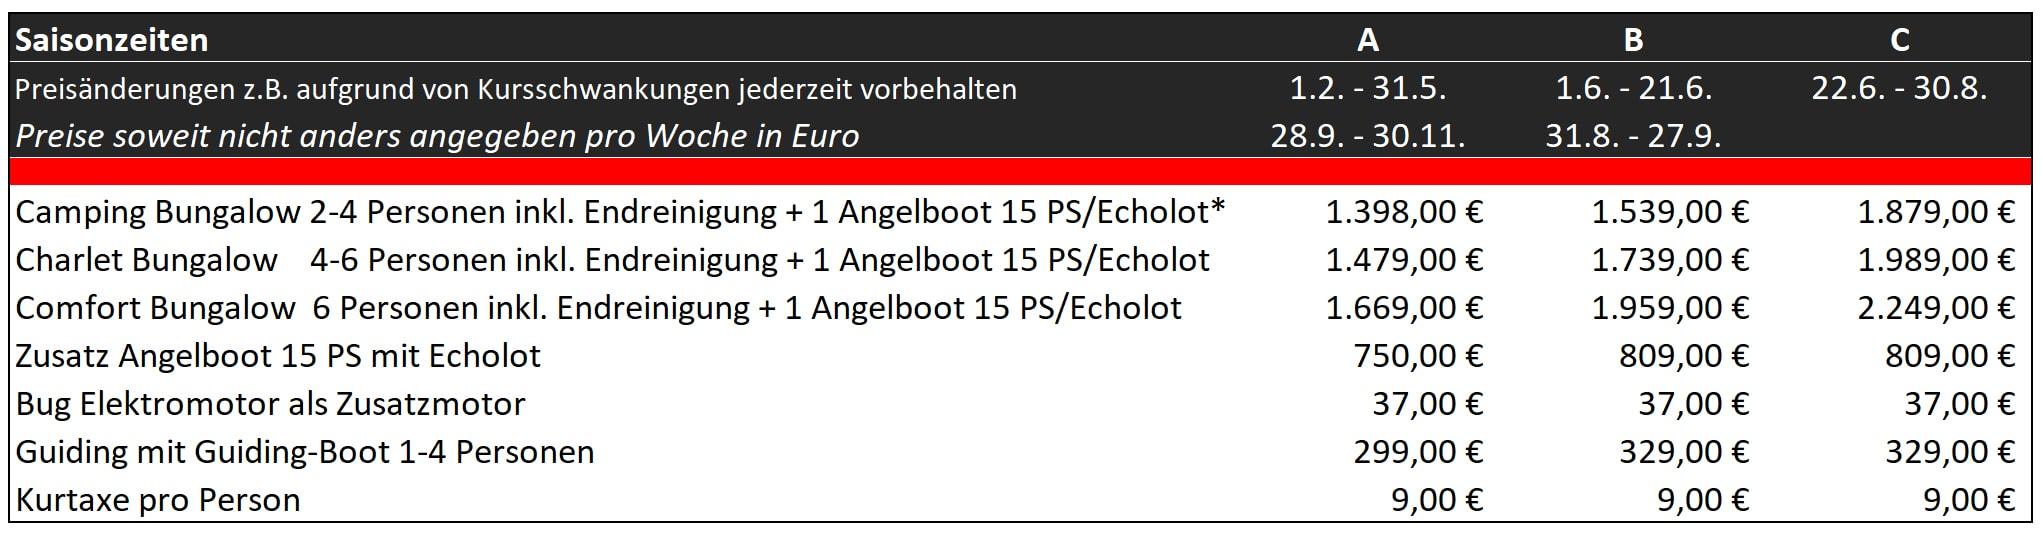 angelreisen holland,angelurlaub holland,angelboote holland,angeln holland,angelreisen niederlande,angelurlaub niederlande,hecht angeln,zander angeln